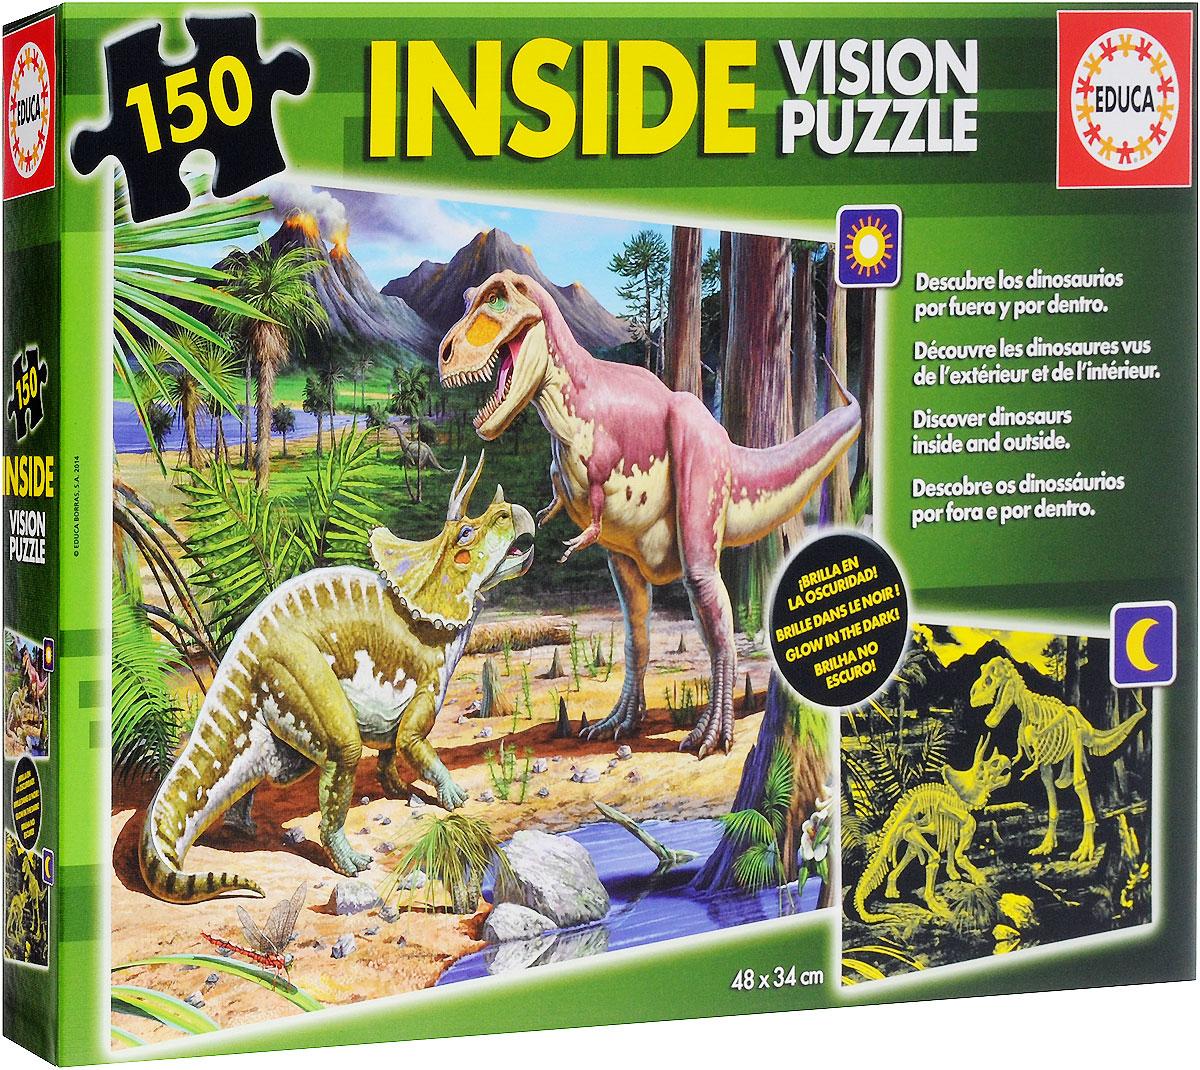 Educa Пазл Динозавры15897Пазл Educa Динозавры непременно понравится вам и вашему ребенку. Собрав этот пазл, включающий в себя 150 элементов, вы получите красочную картинку с изображением трицератопов и тиронозавров рексов в их естественной среде обитания. Откройте для себя динозавров снаружи и изнутри. Выключите свет и посмотрите, как светятся их скелеты в темноте. Пазл - великолепная игра для семейного досуга. Сегодня собирание пазлов стало особенно популярным, главным образом, благодаря своей многообразной тематике, способной удовлетворить самый взыскательный вкус. А для детей это не только интересно, но и полезно. Собирание пазла развивает мелкую моторику рук у ребенка, тренирует наблюдательность, логическое мышление, знакомит с окружающим миром, с цветом и разнообразными формами.